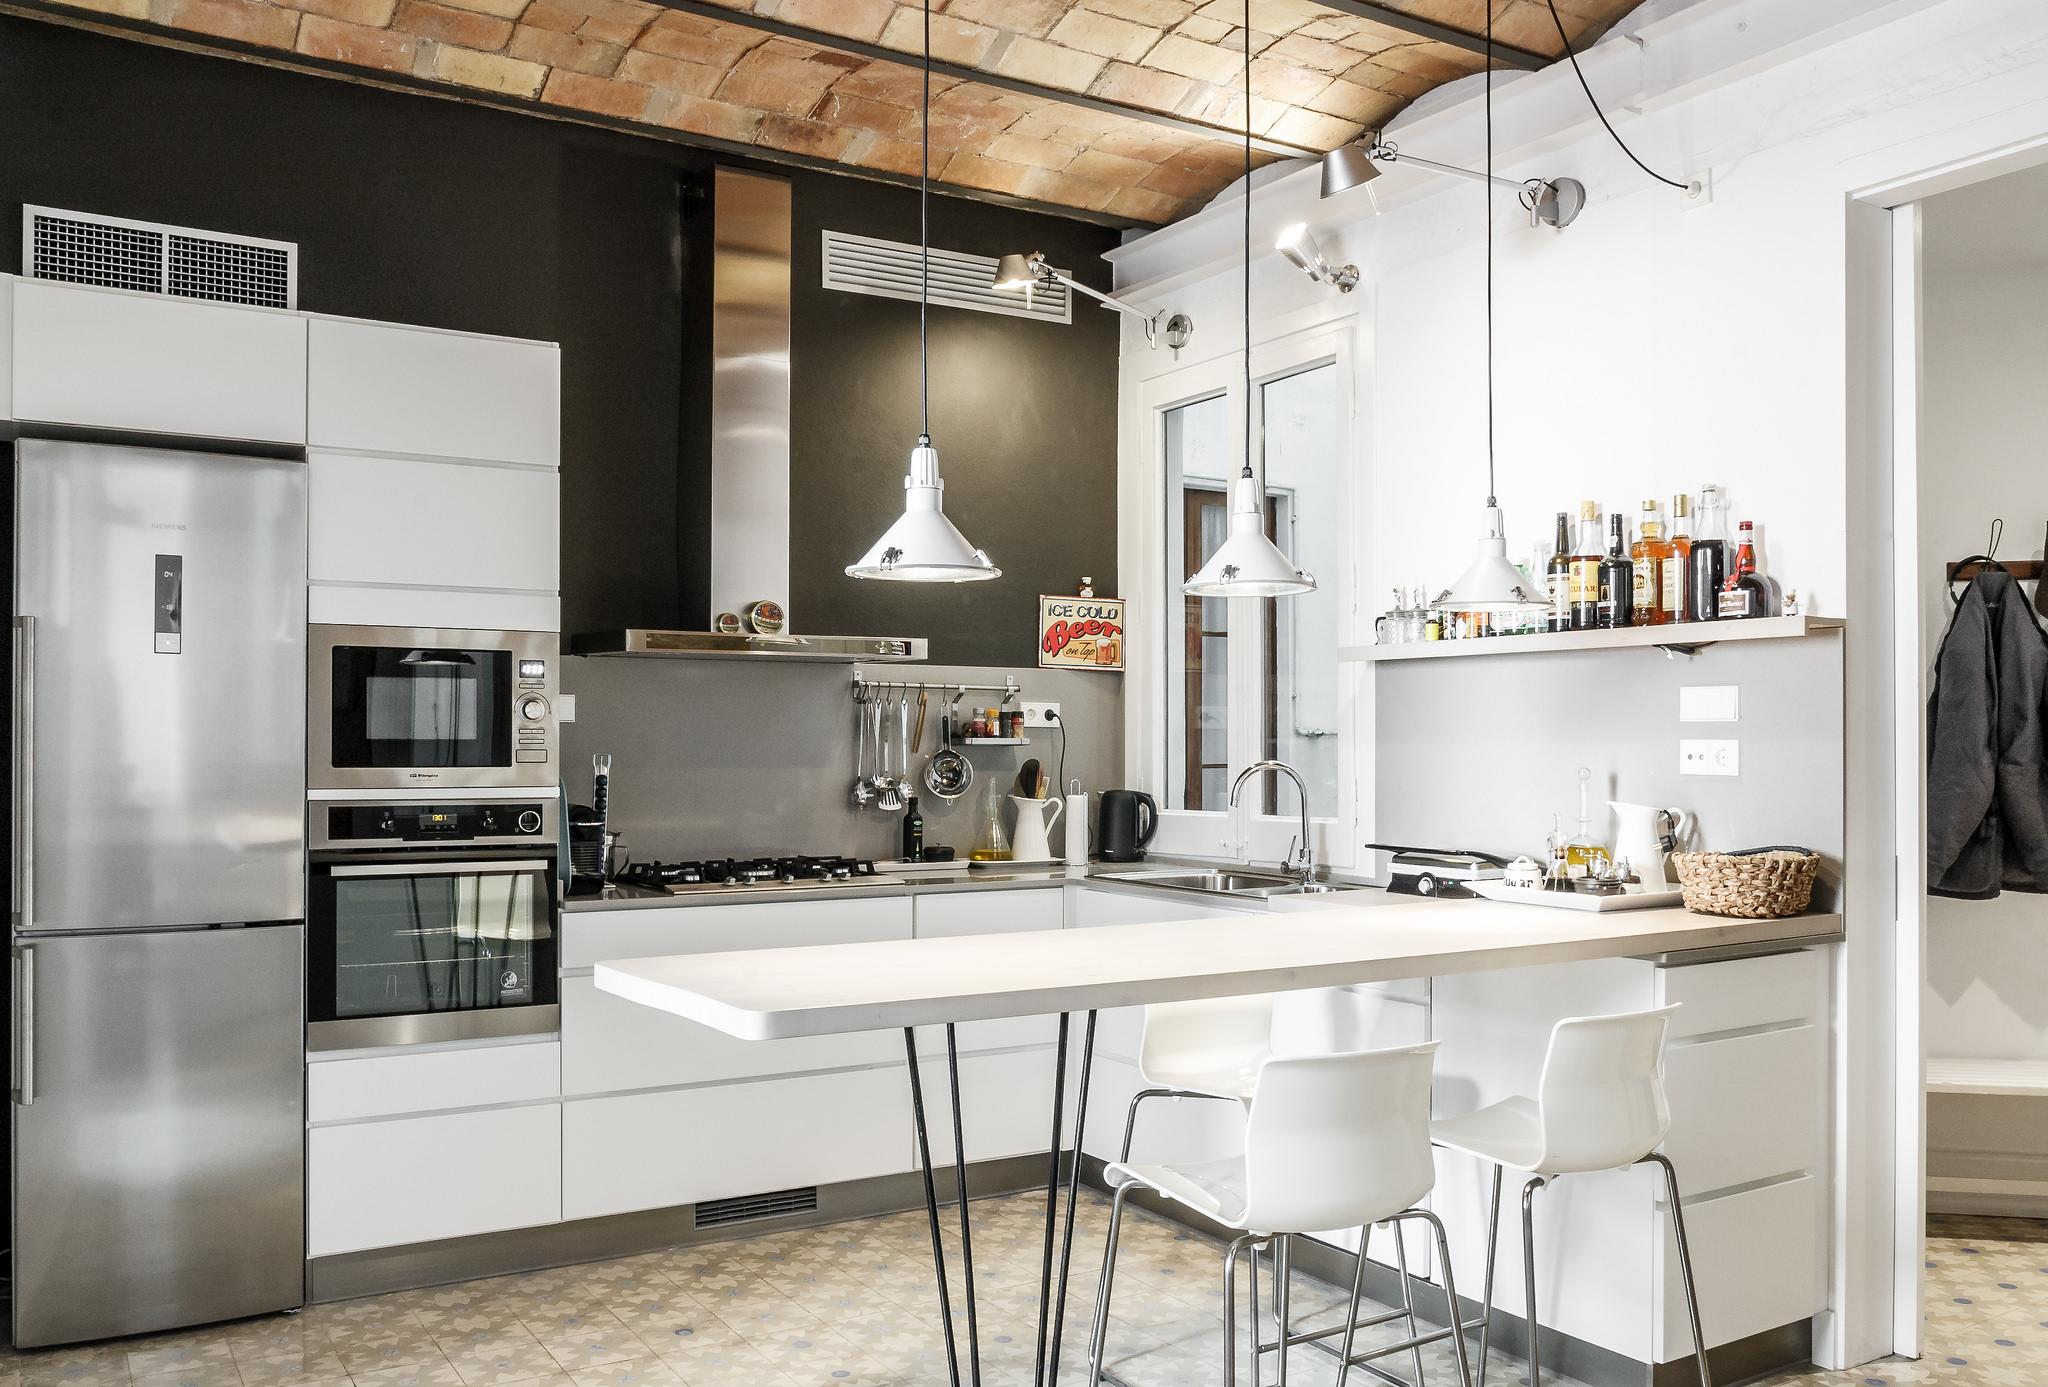 Cu nto cuesta reformar una cocina en 2018 vivados for Cuanto cuesta reformar una vivienda